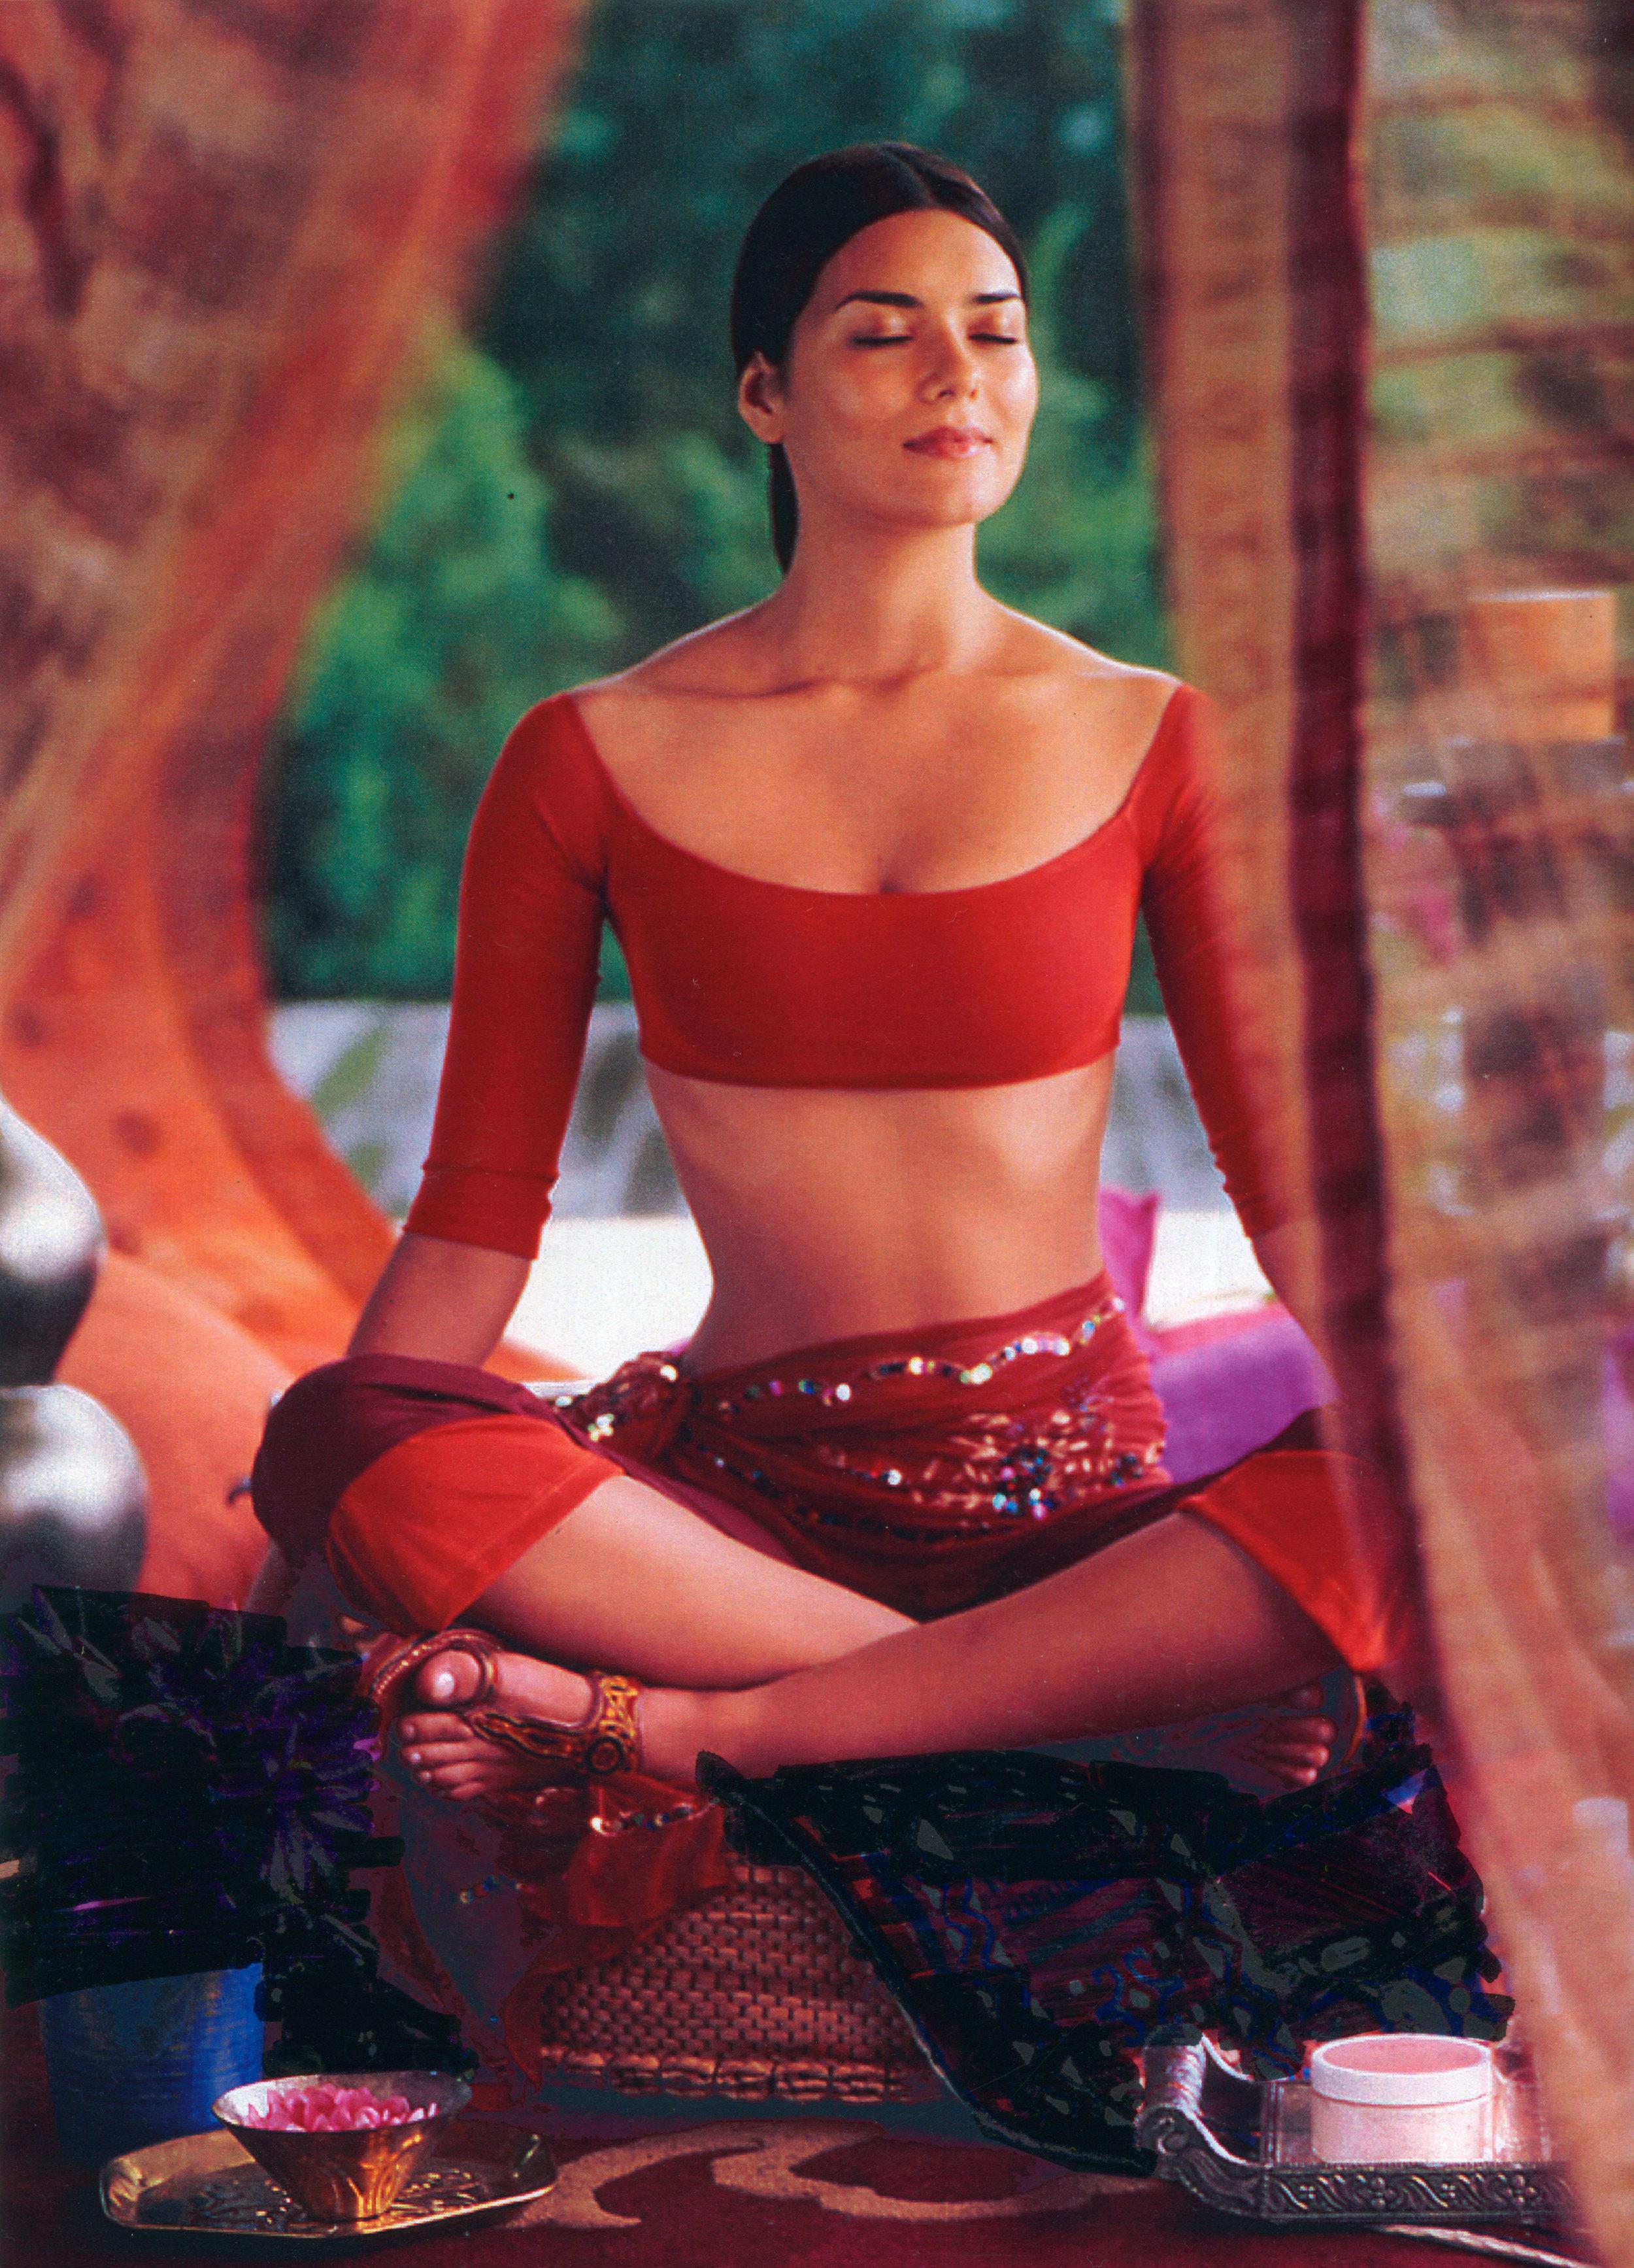 002fav-yoga-w-brunetteB.jpg